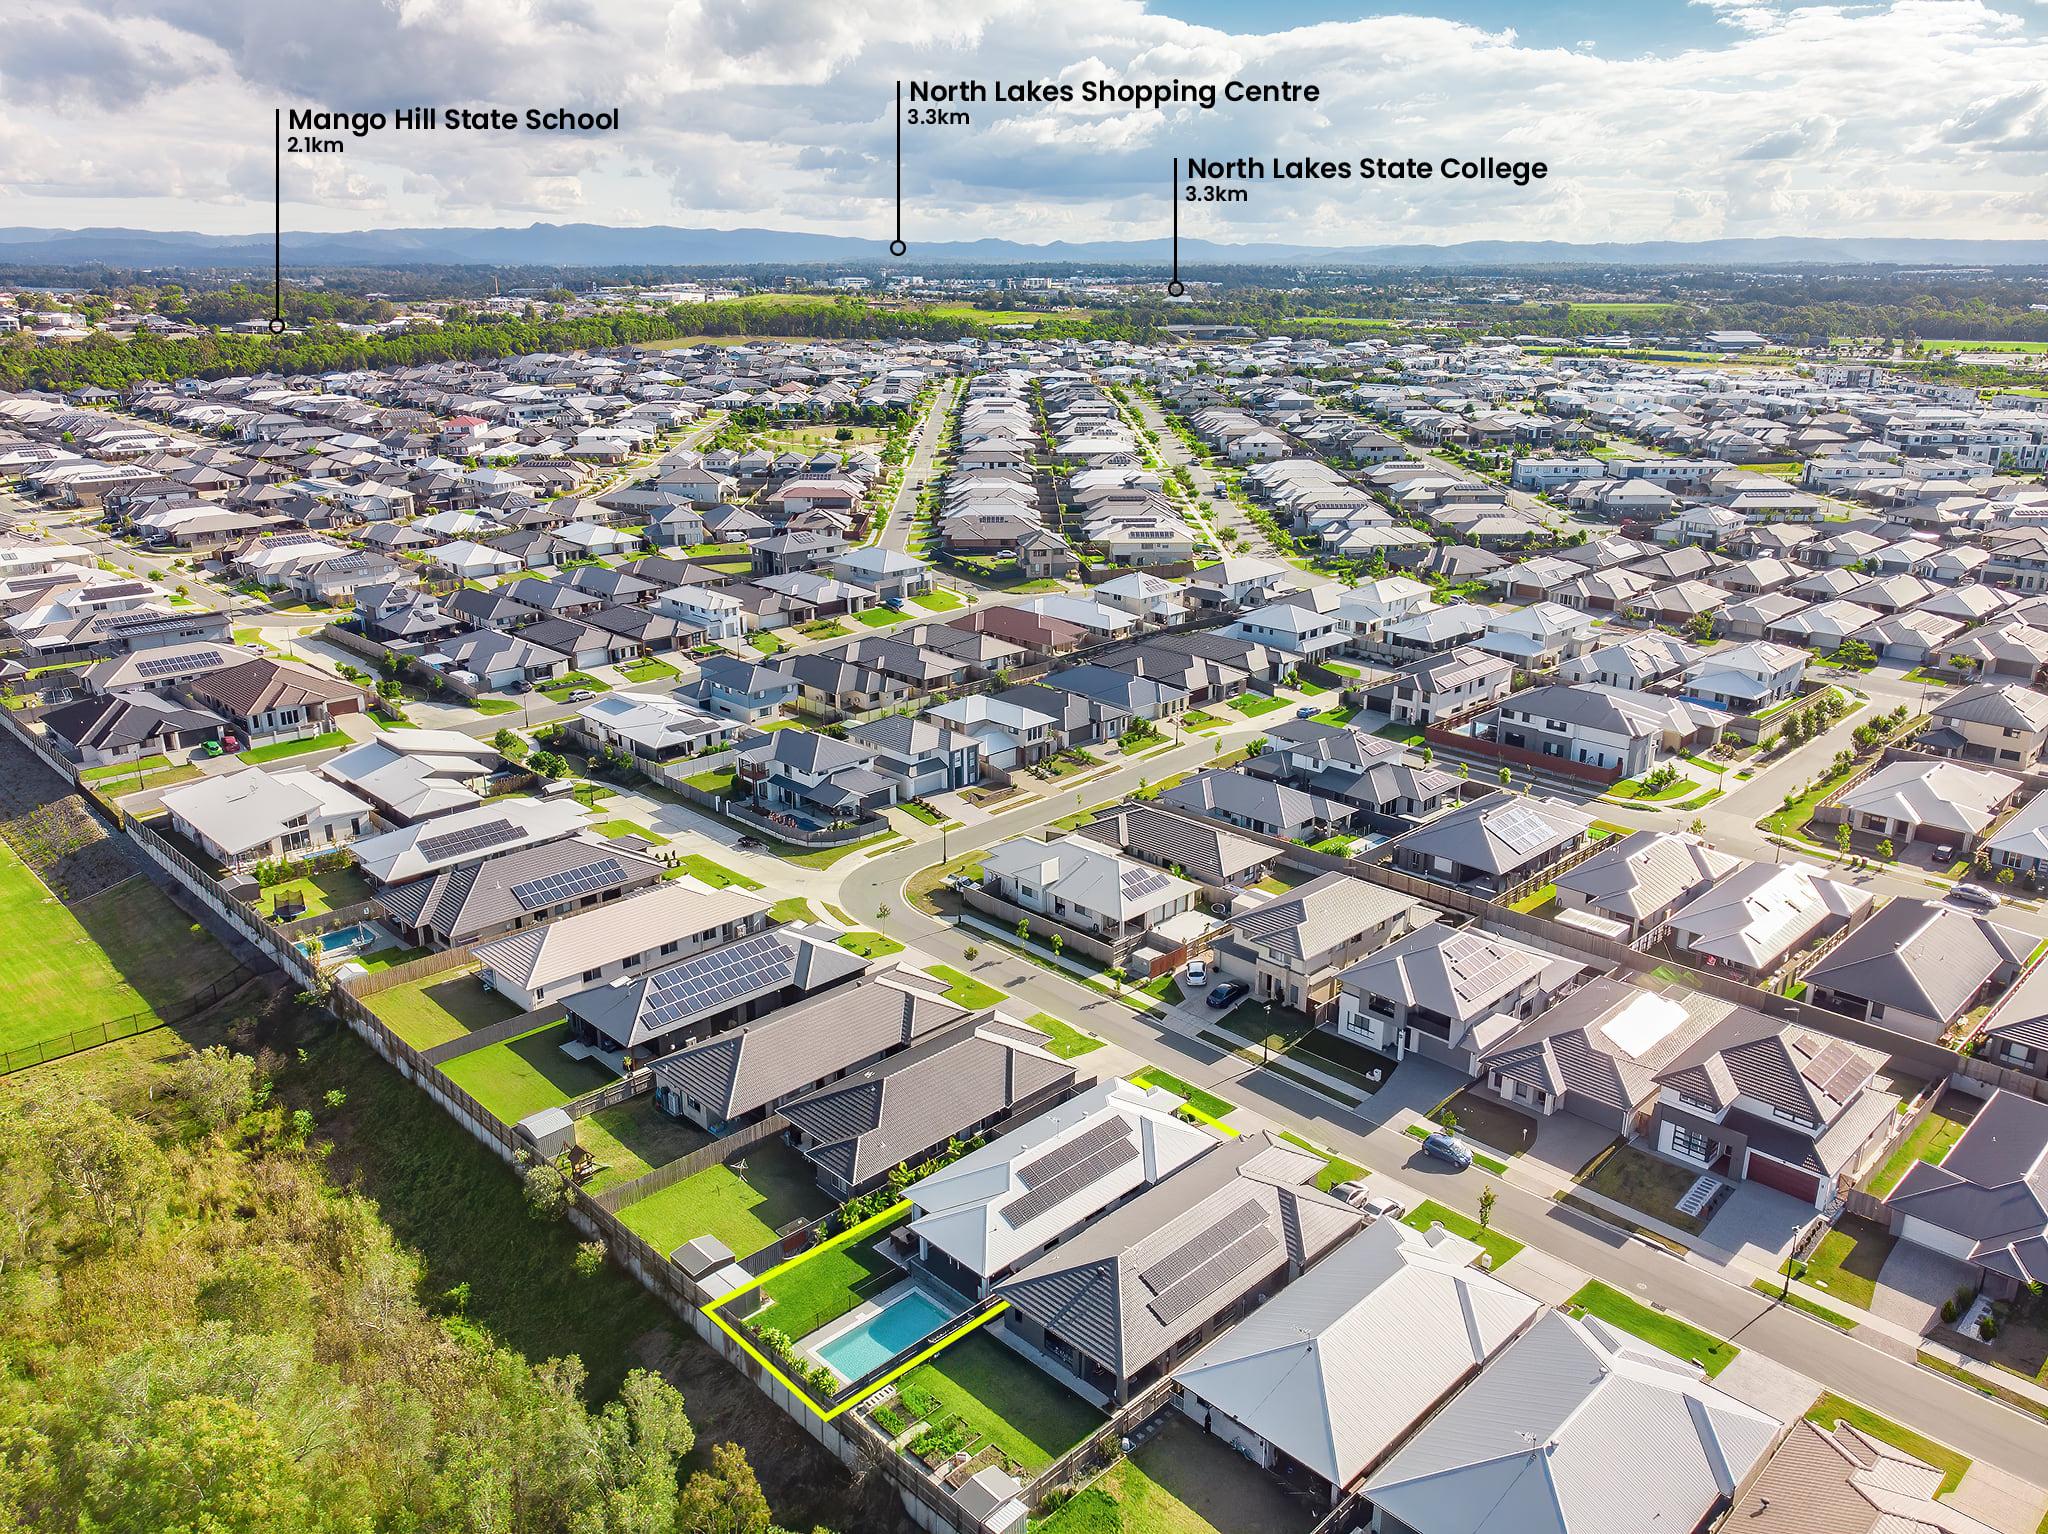 Drone Photography Brisbane Sunshine Coast